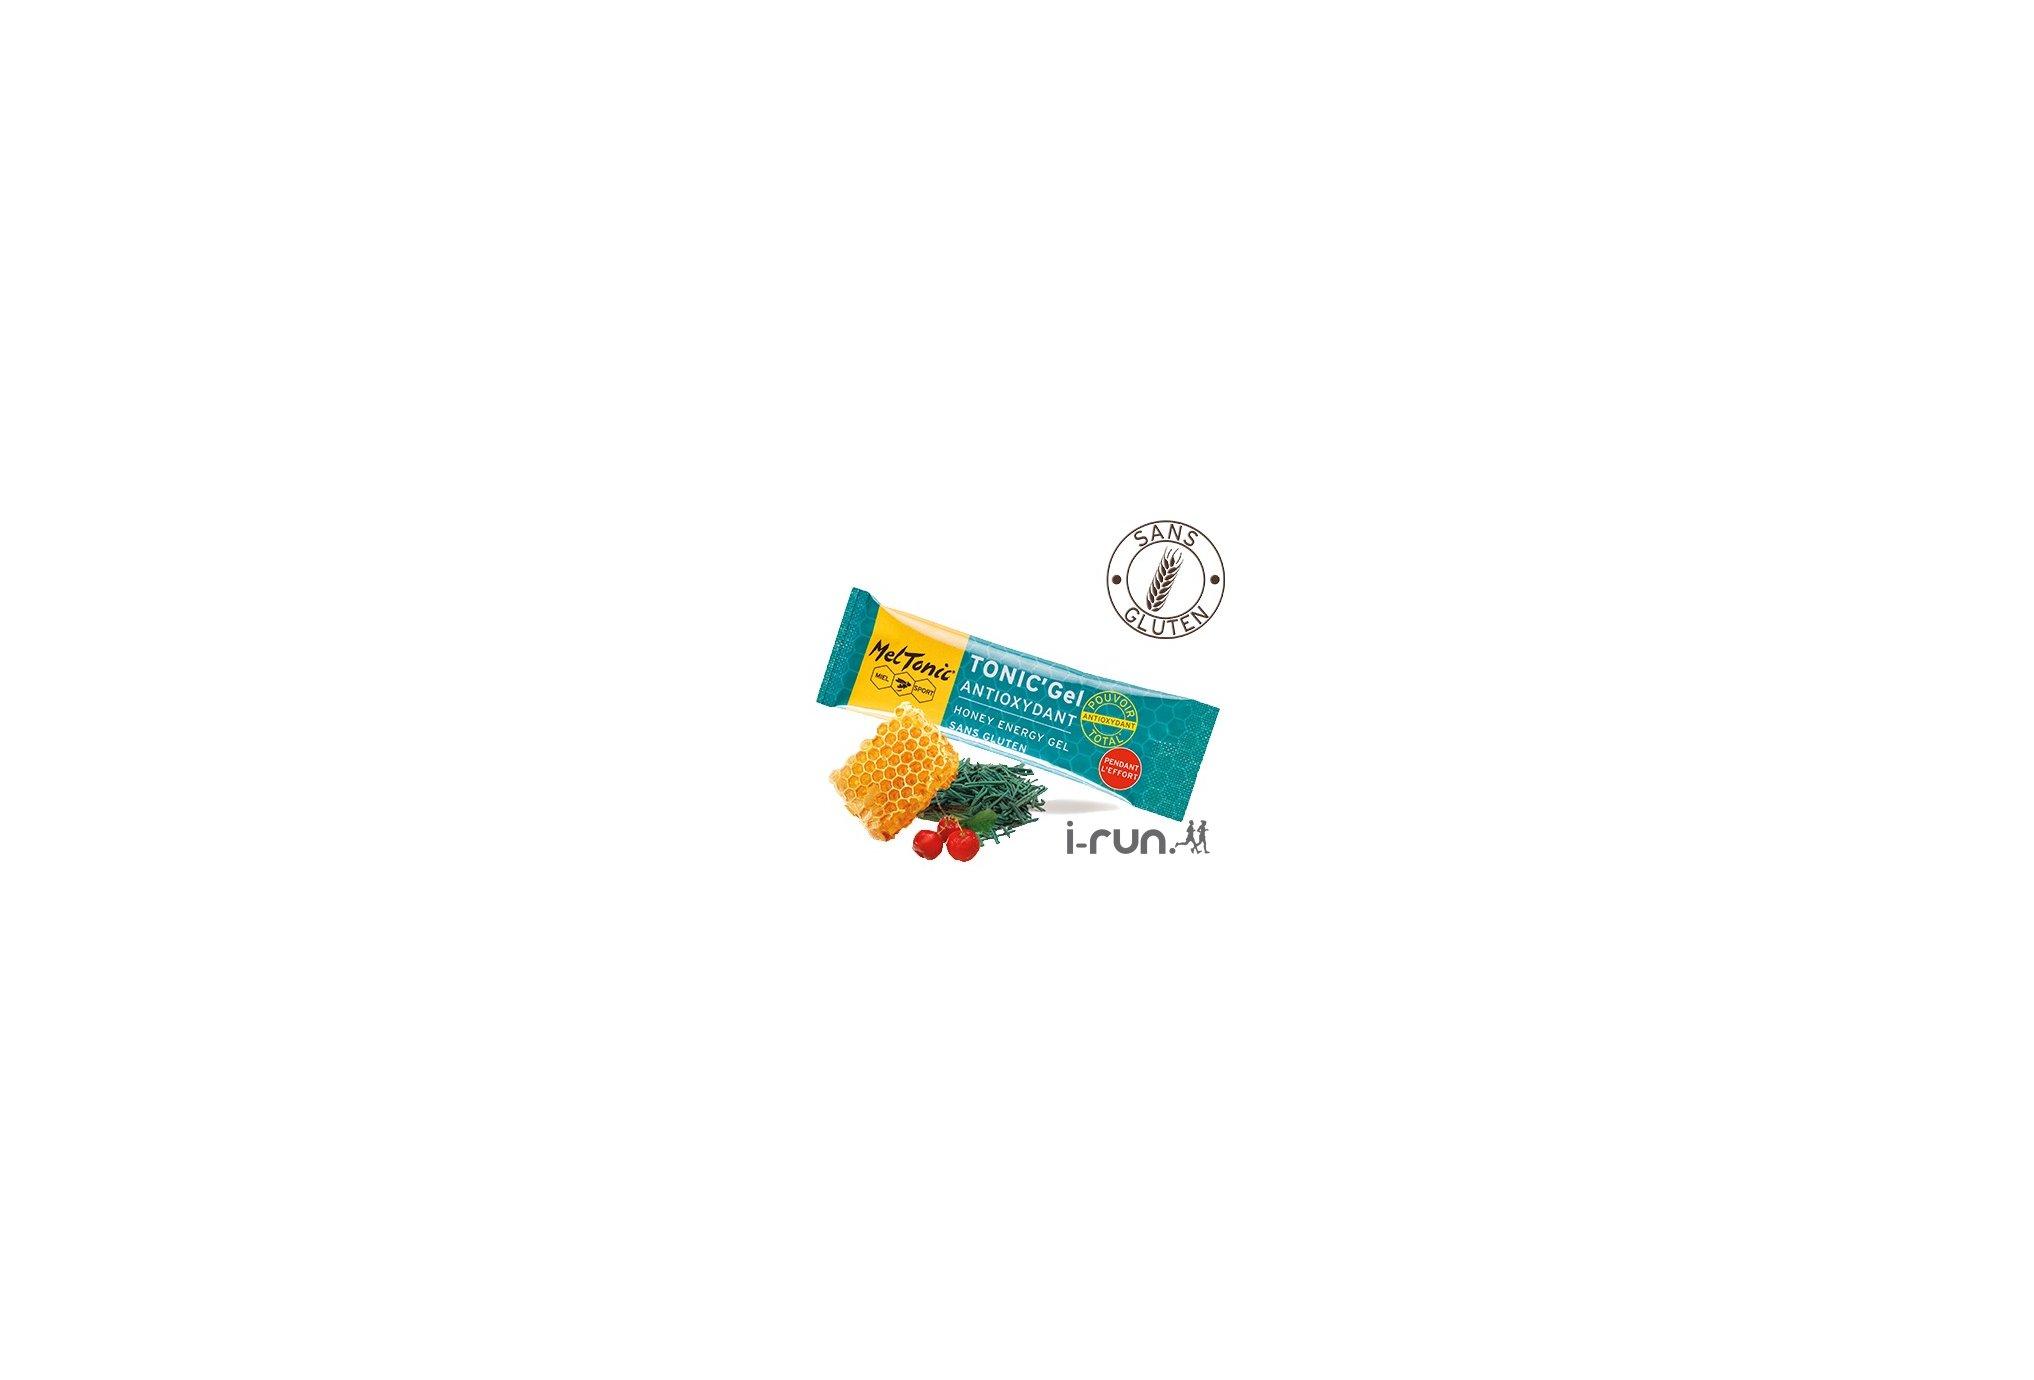 MelTonic Tonic'Gel Antioxydant Diététique Gels